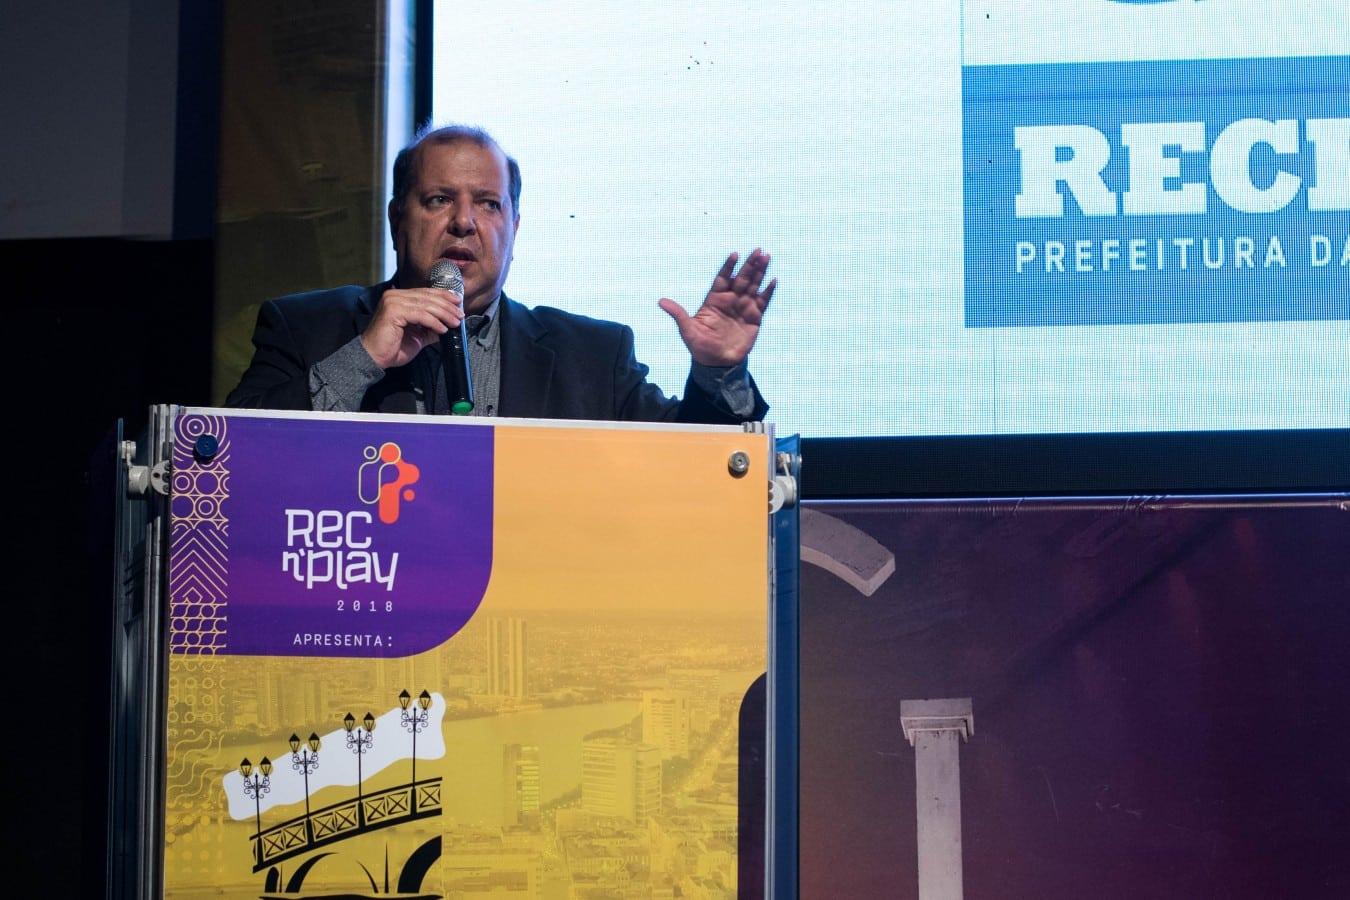 GIOVANI ANDRADE DE OLIVEIRA - Evento internacional no Recife discute iluminação pública